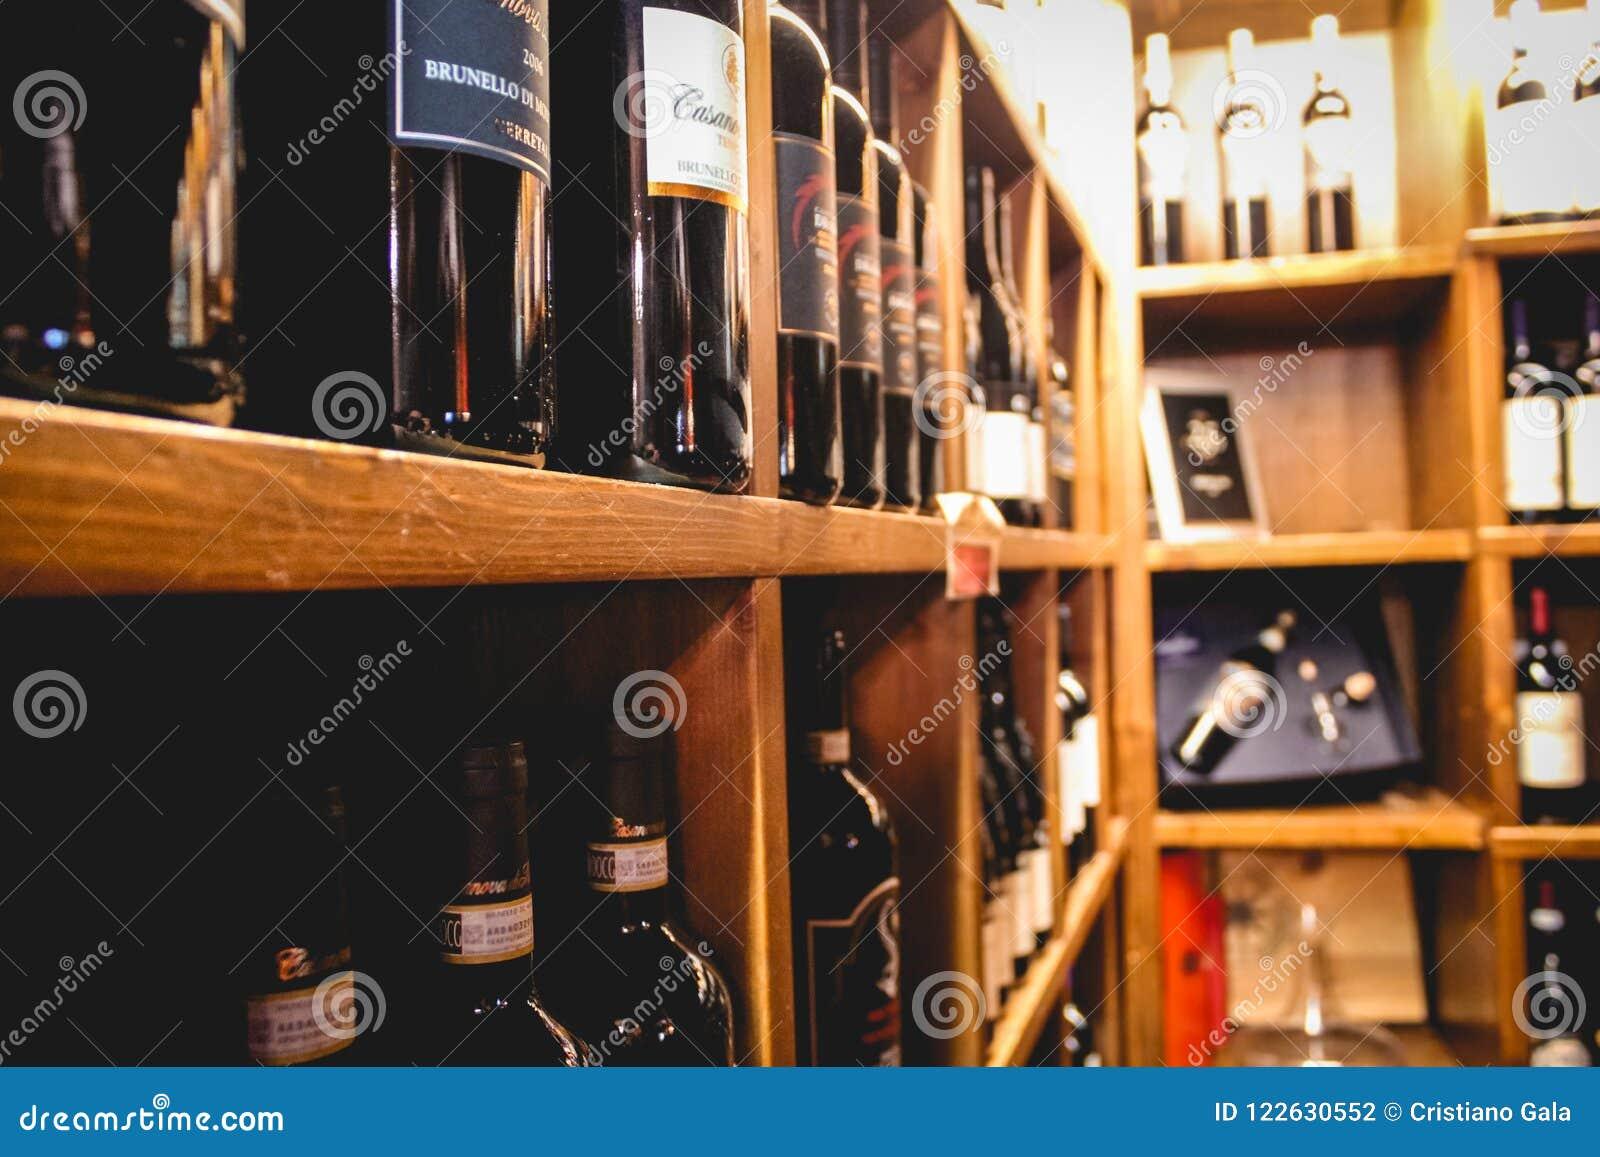 Italienische Weinhandlung